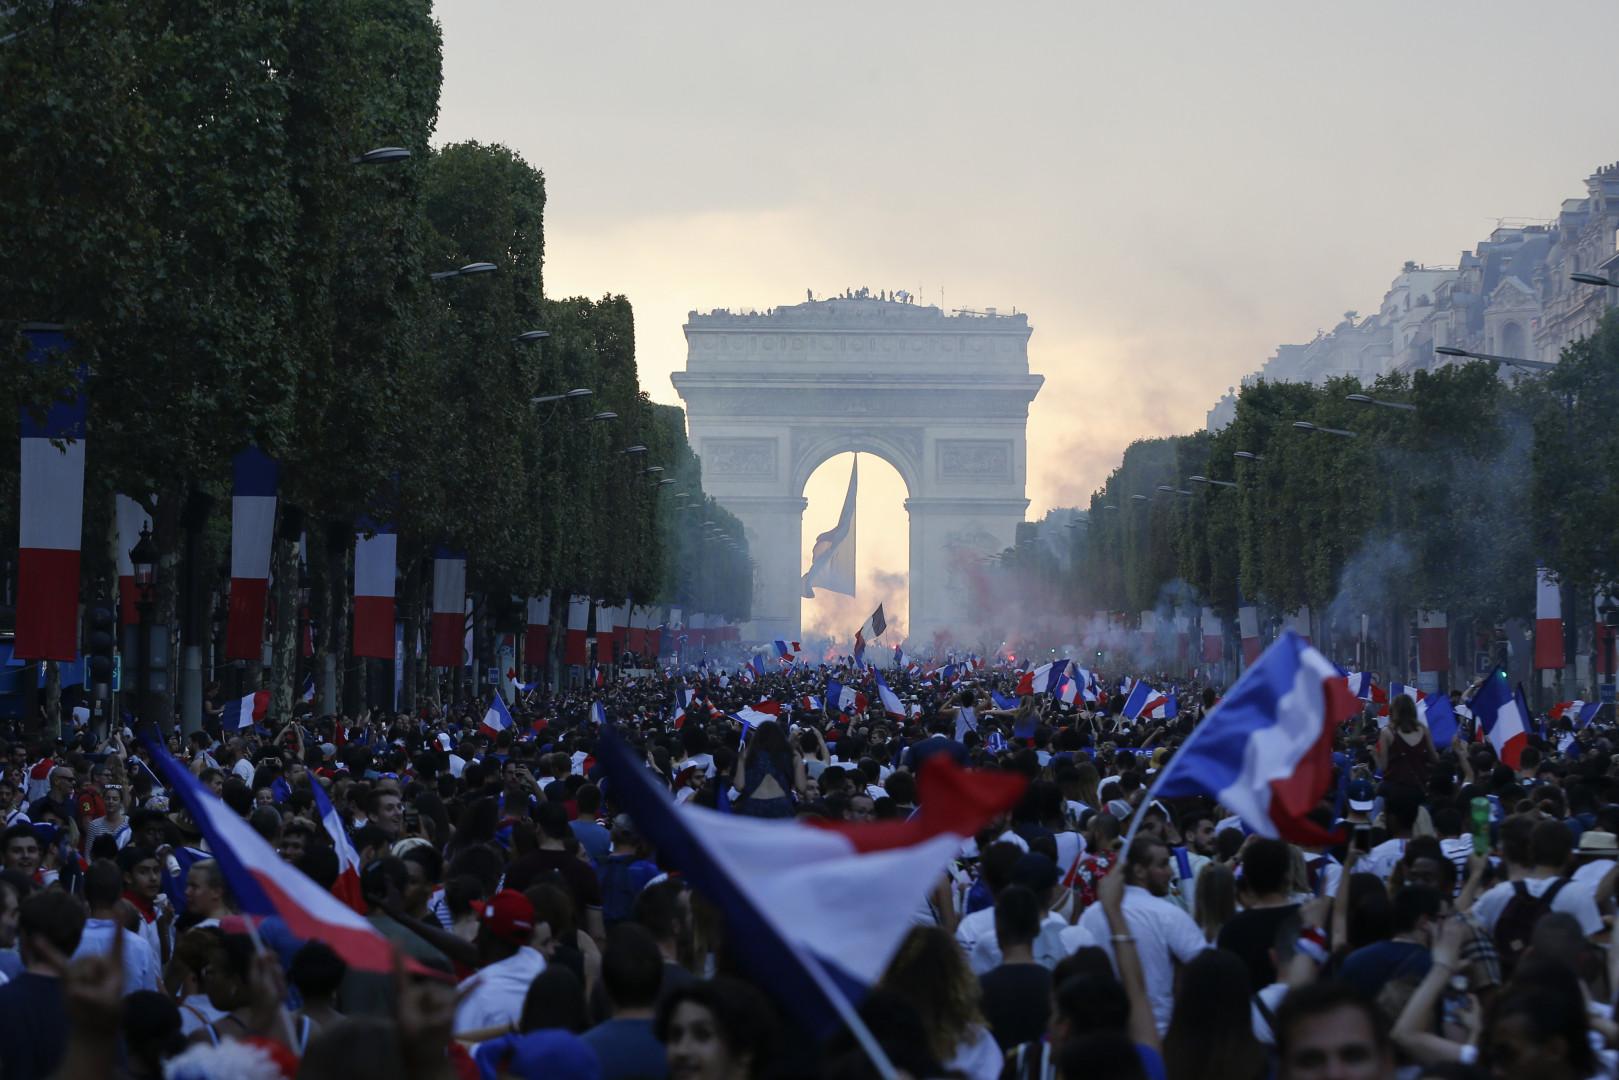 Les Français ont déferlé sur les Champs-Élysées après la victoire des Bleus